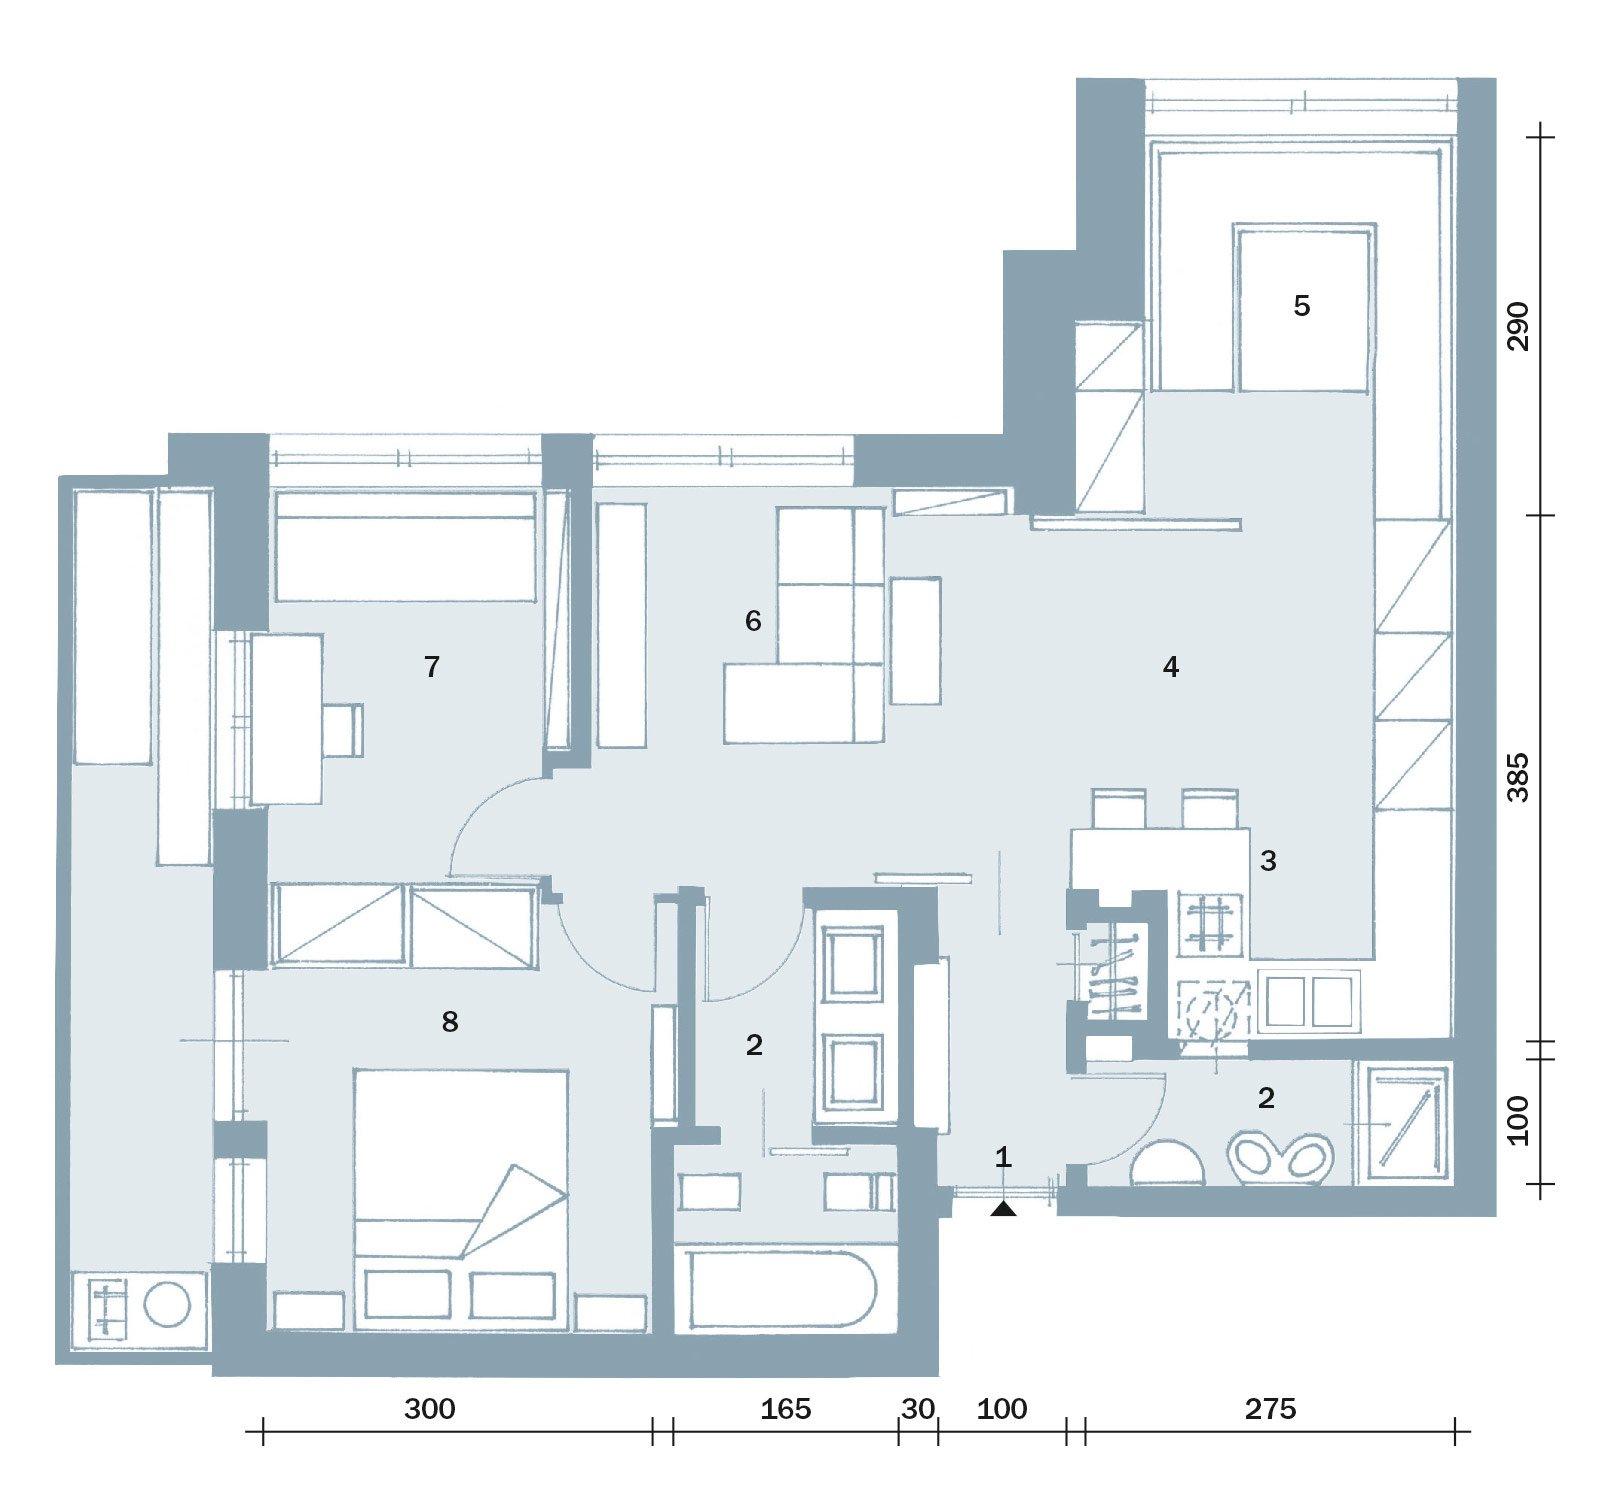 57 mq con ambienti mutevoli cose di casa for Planimetrie di layout di casa